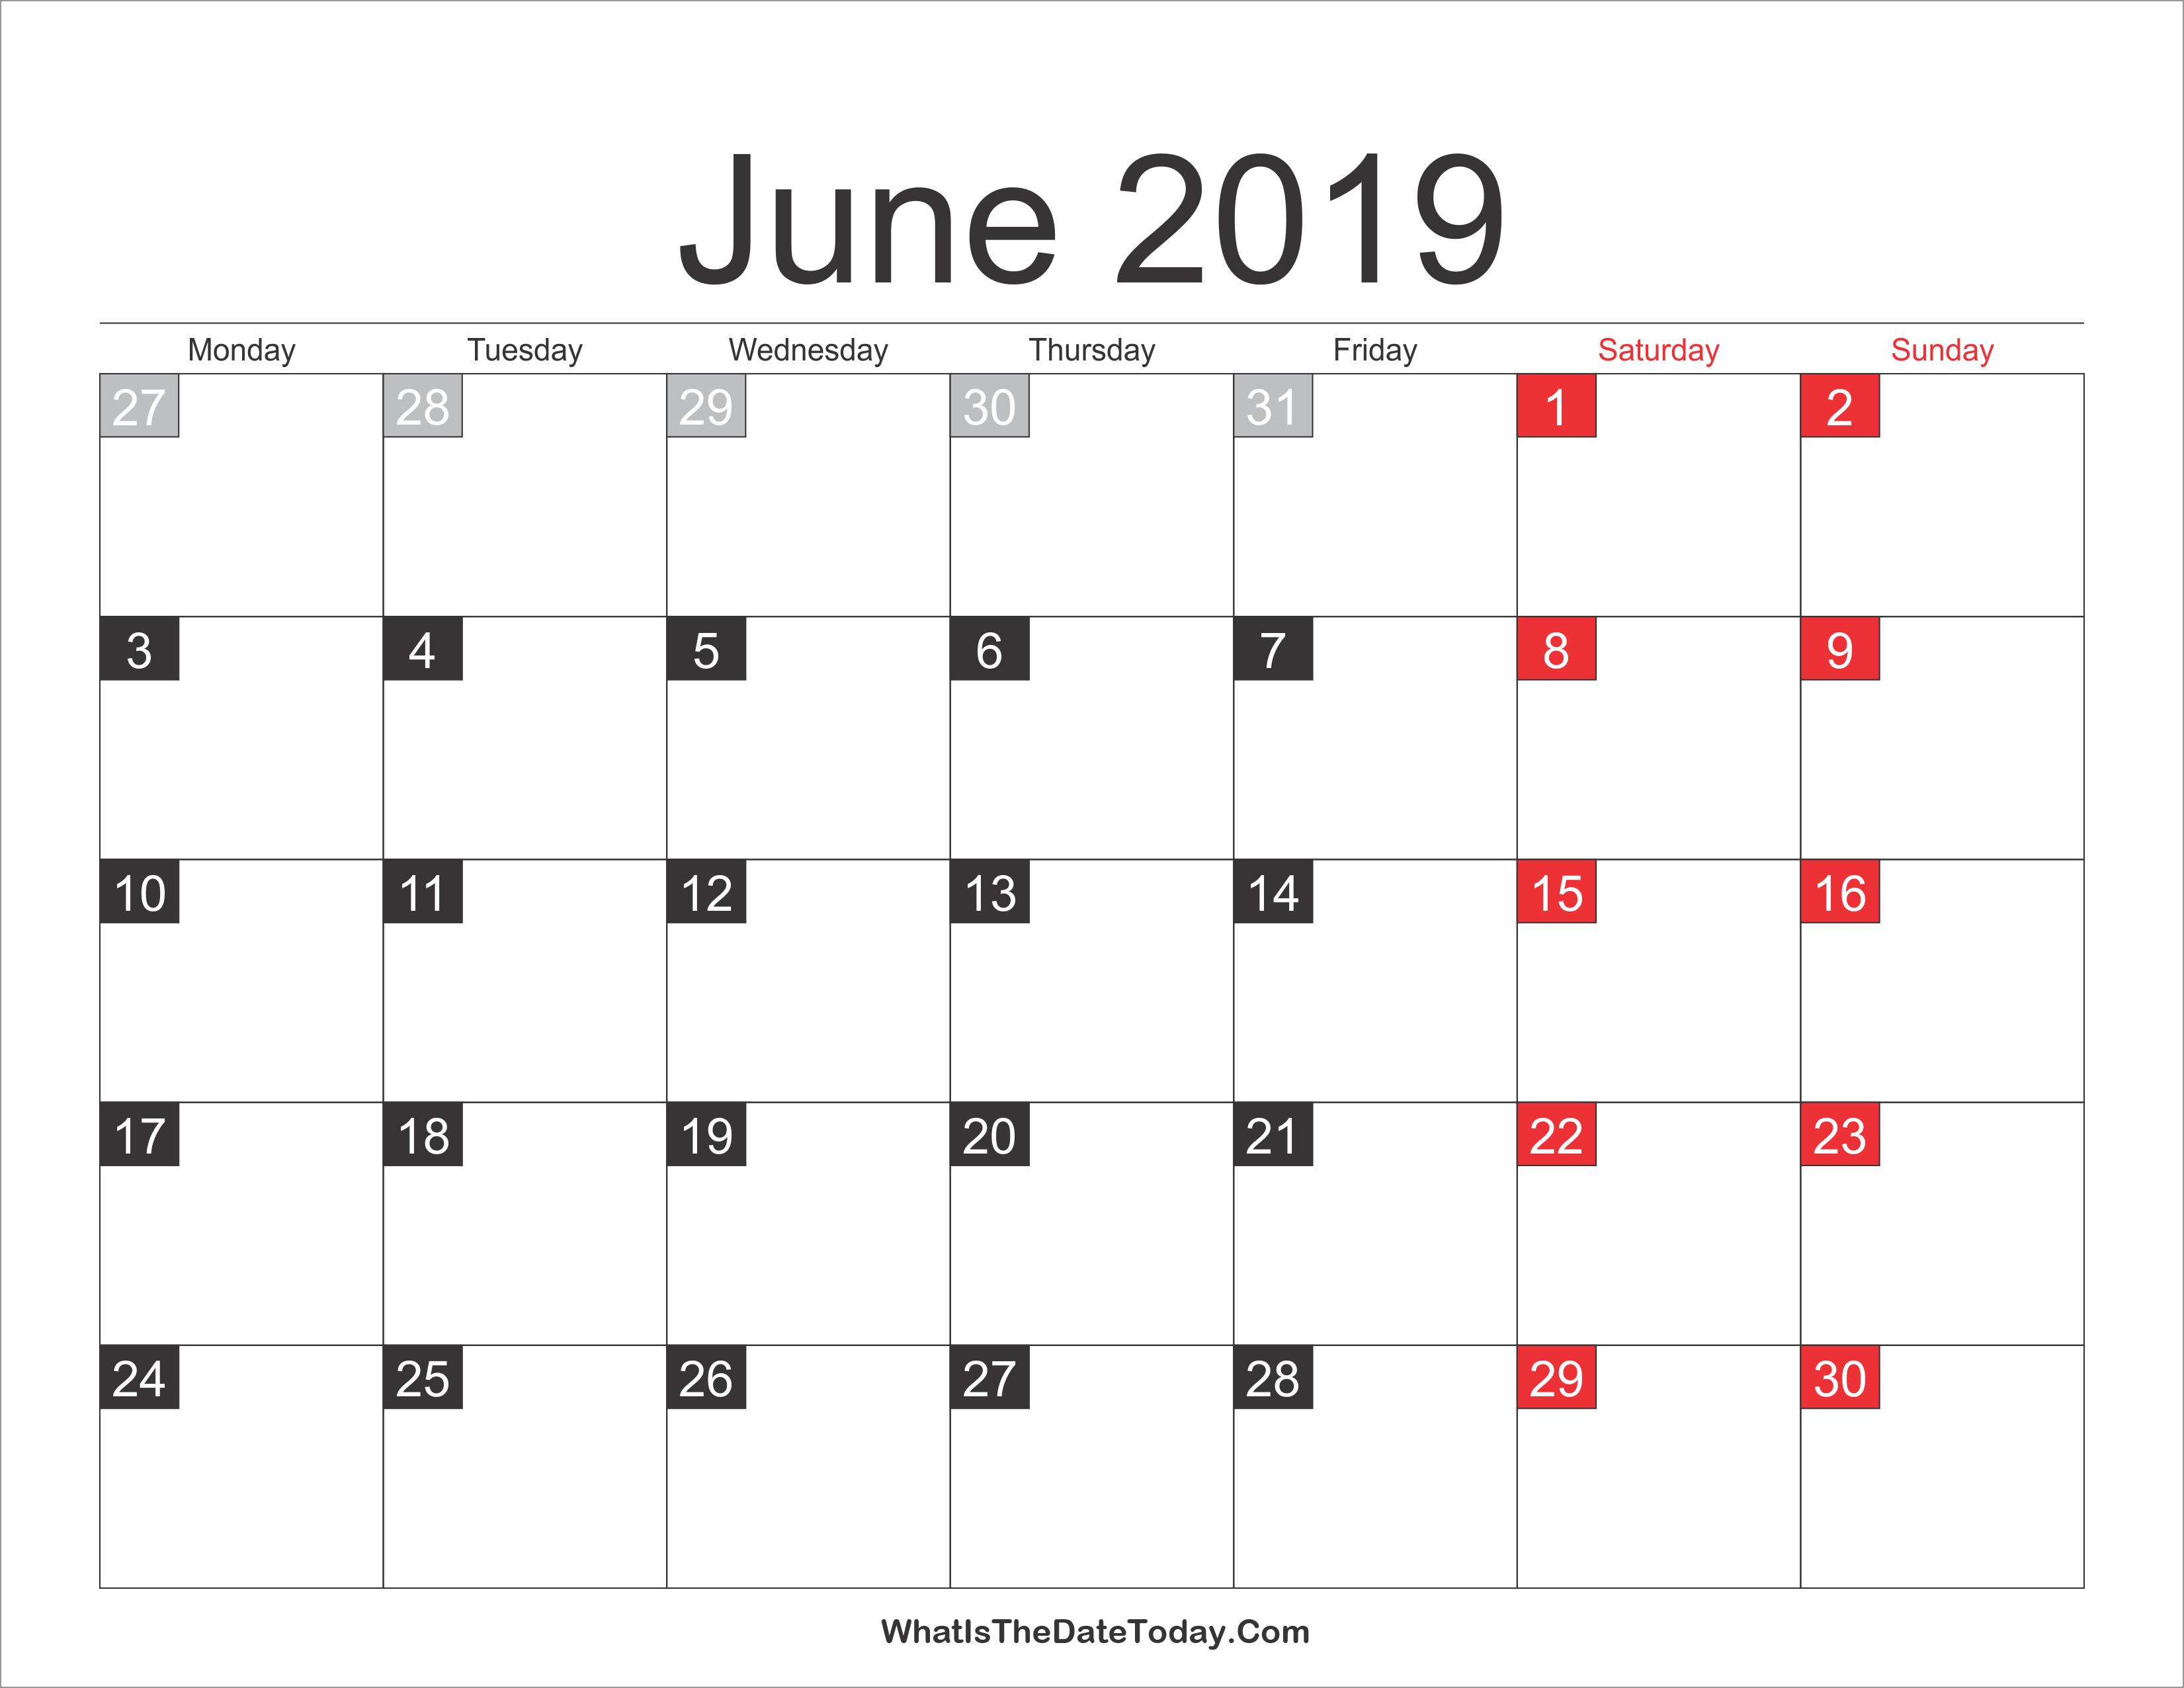 2019 June Calendar Printable | Whatisthedatetoday Com